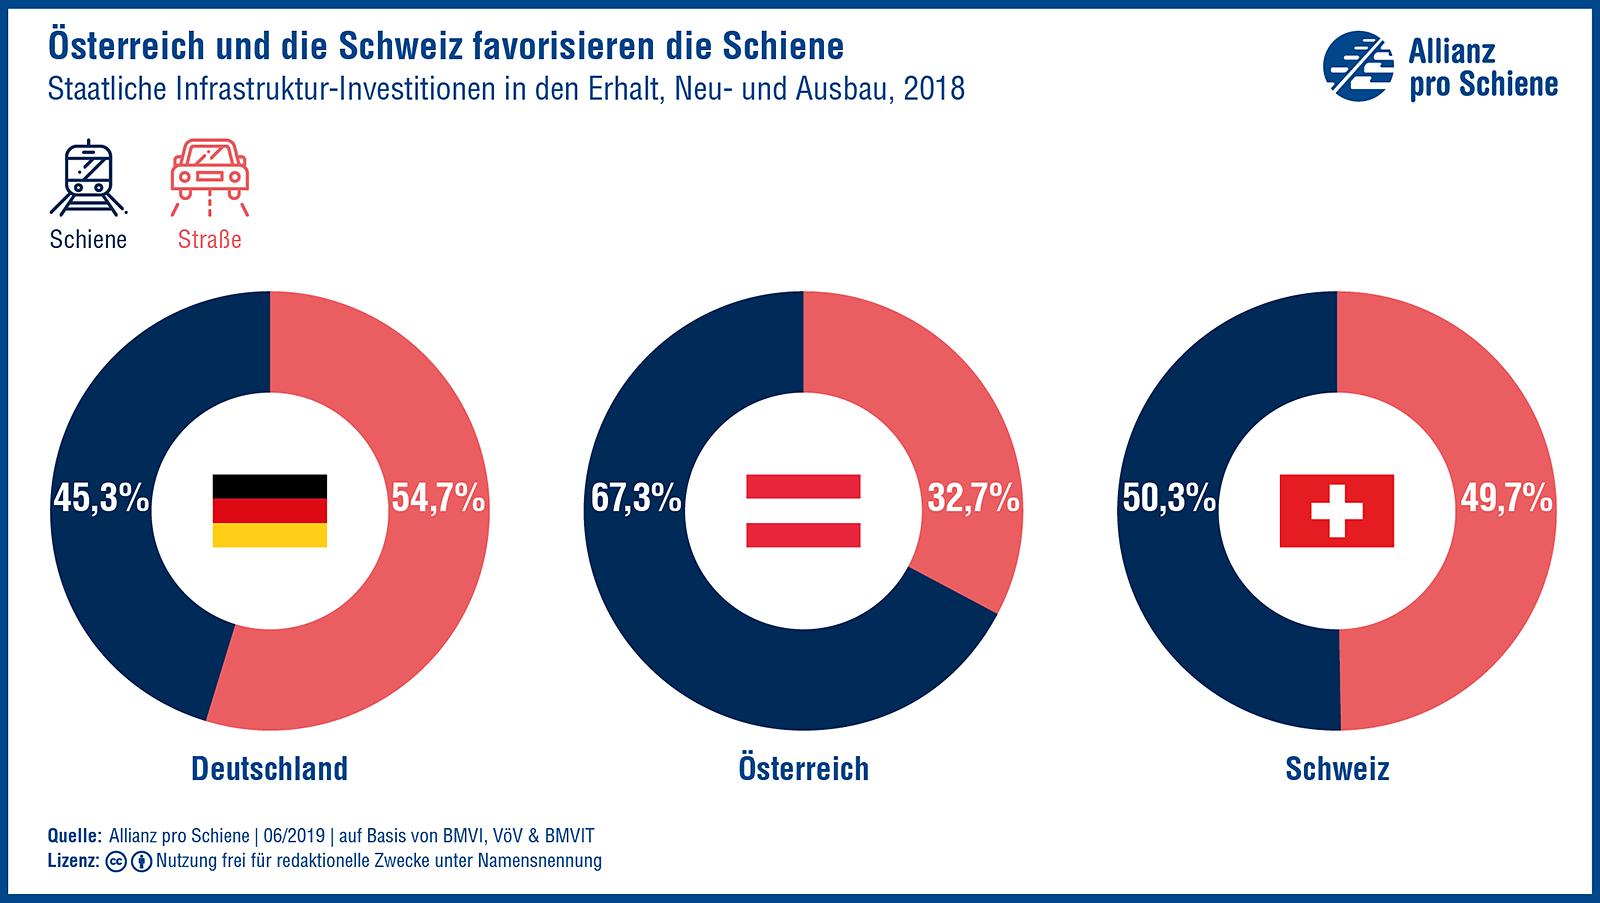 Österreich und die Schweiz favorisieren die Schiene: Pro-Kopf-Investitionen in die Schieneninfrastruktur (Erhalt, Neu- und Ausbau), 2018